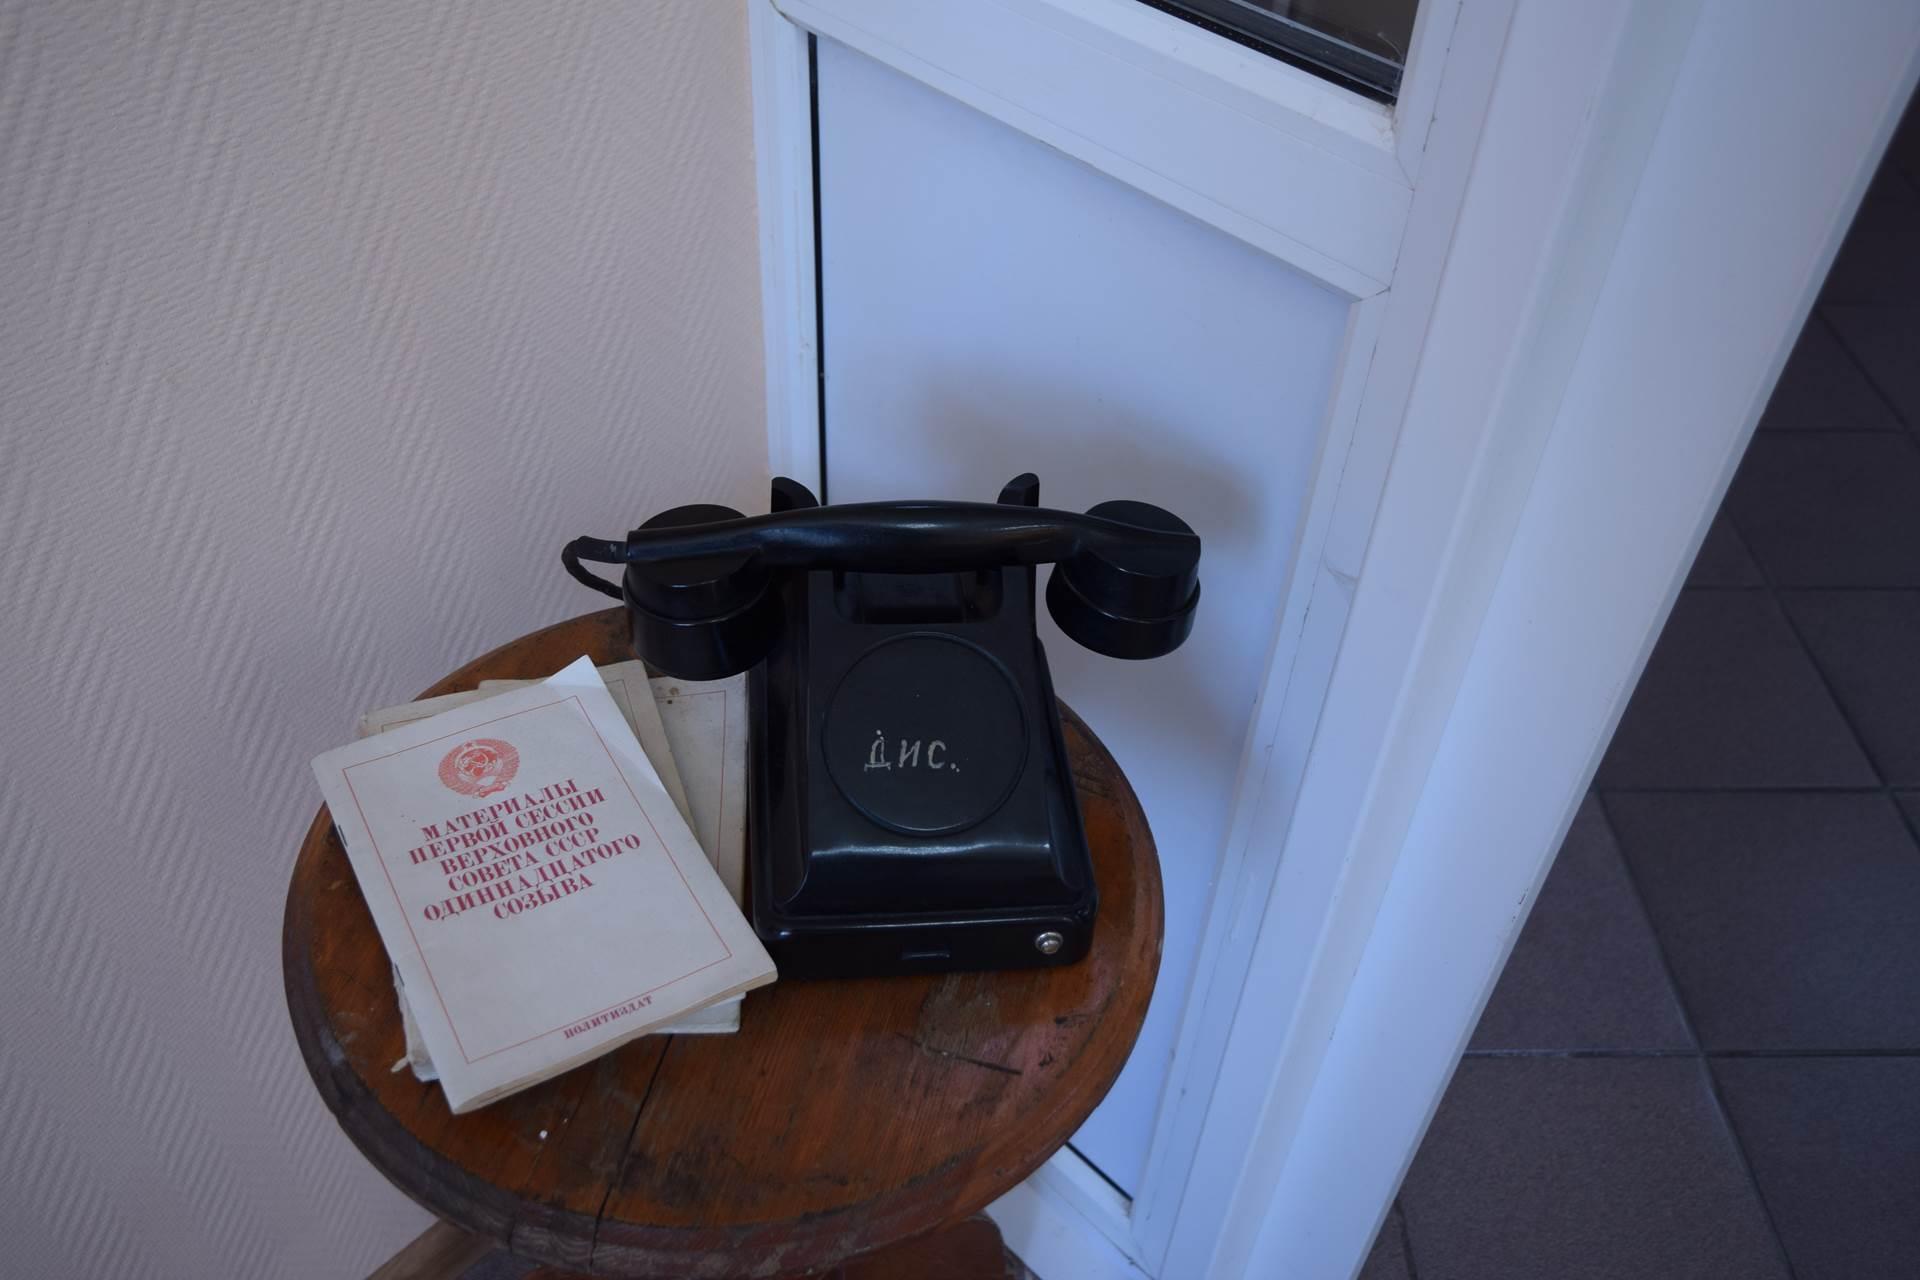 Телефон для срочных распоряжений. Экспонат музея ТЭЦ-1